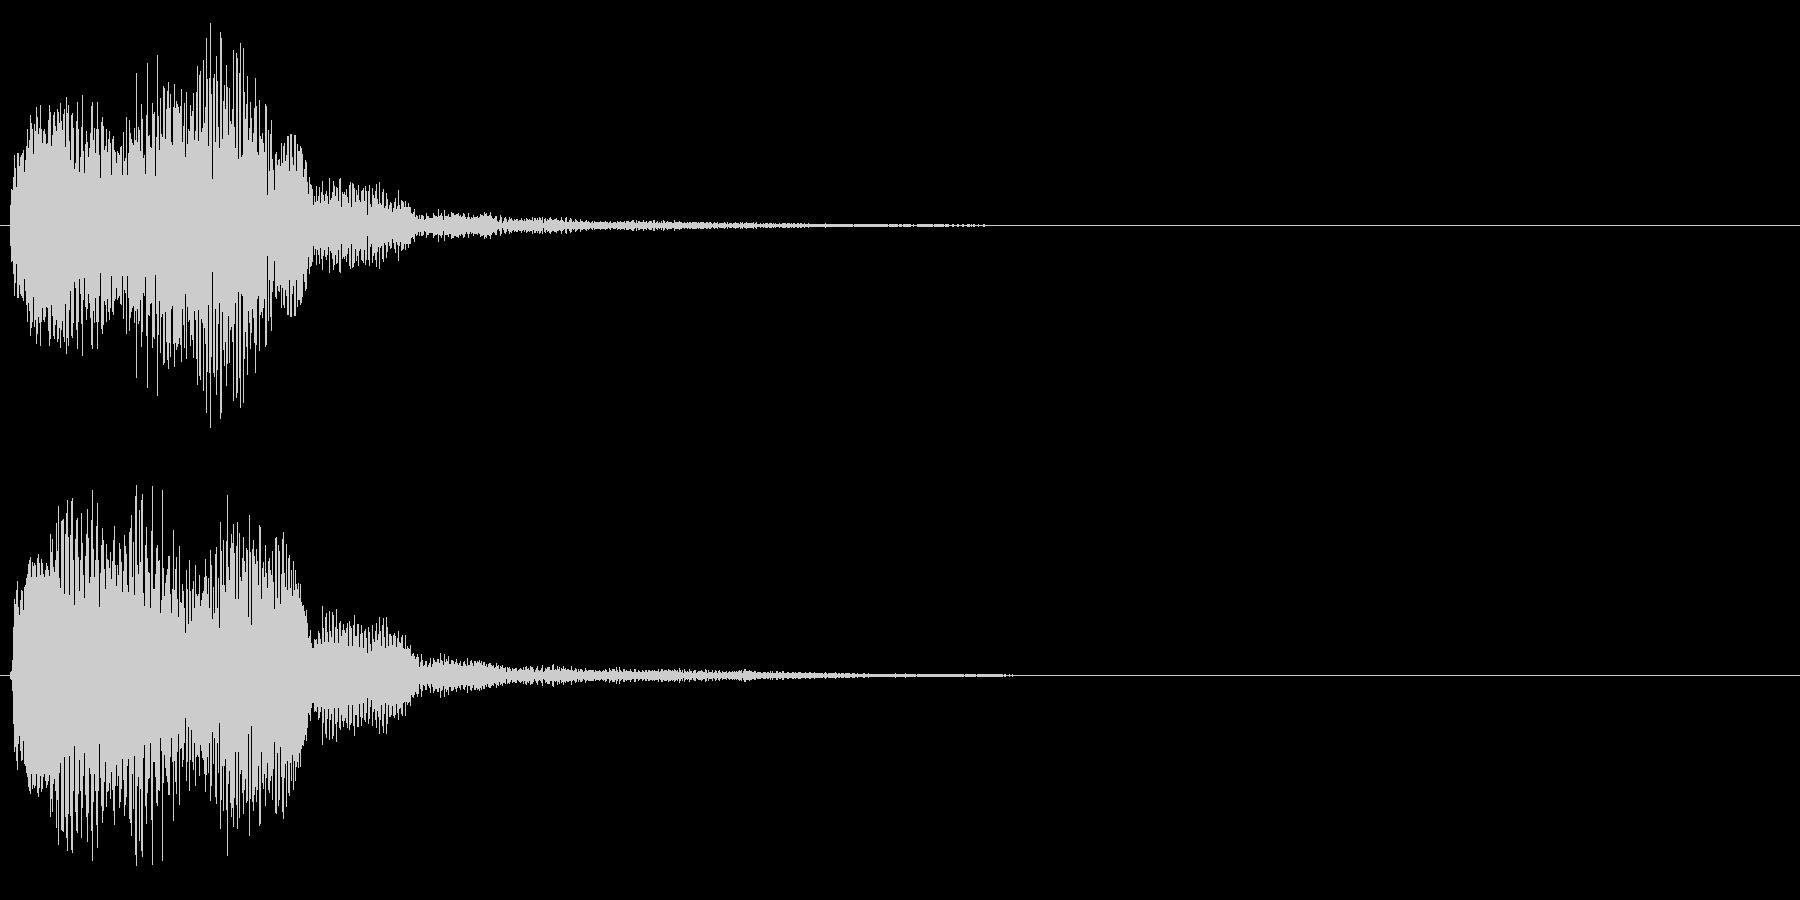 キラリン音A6 2音色×8フレーズの未再生の波形